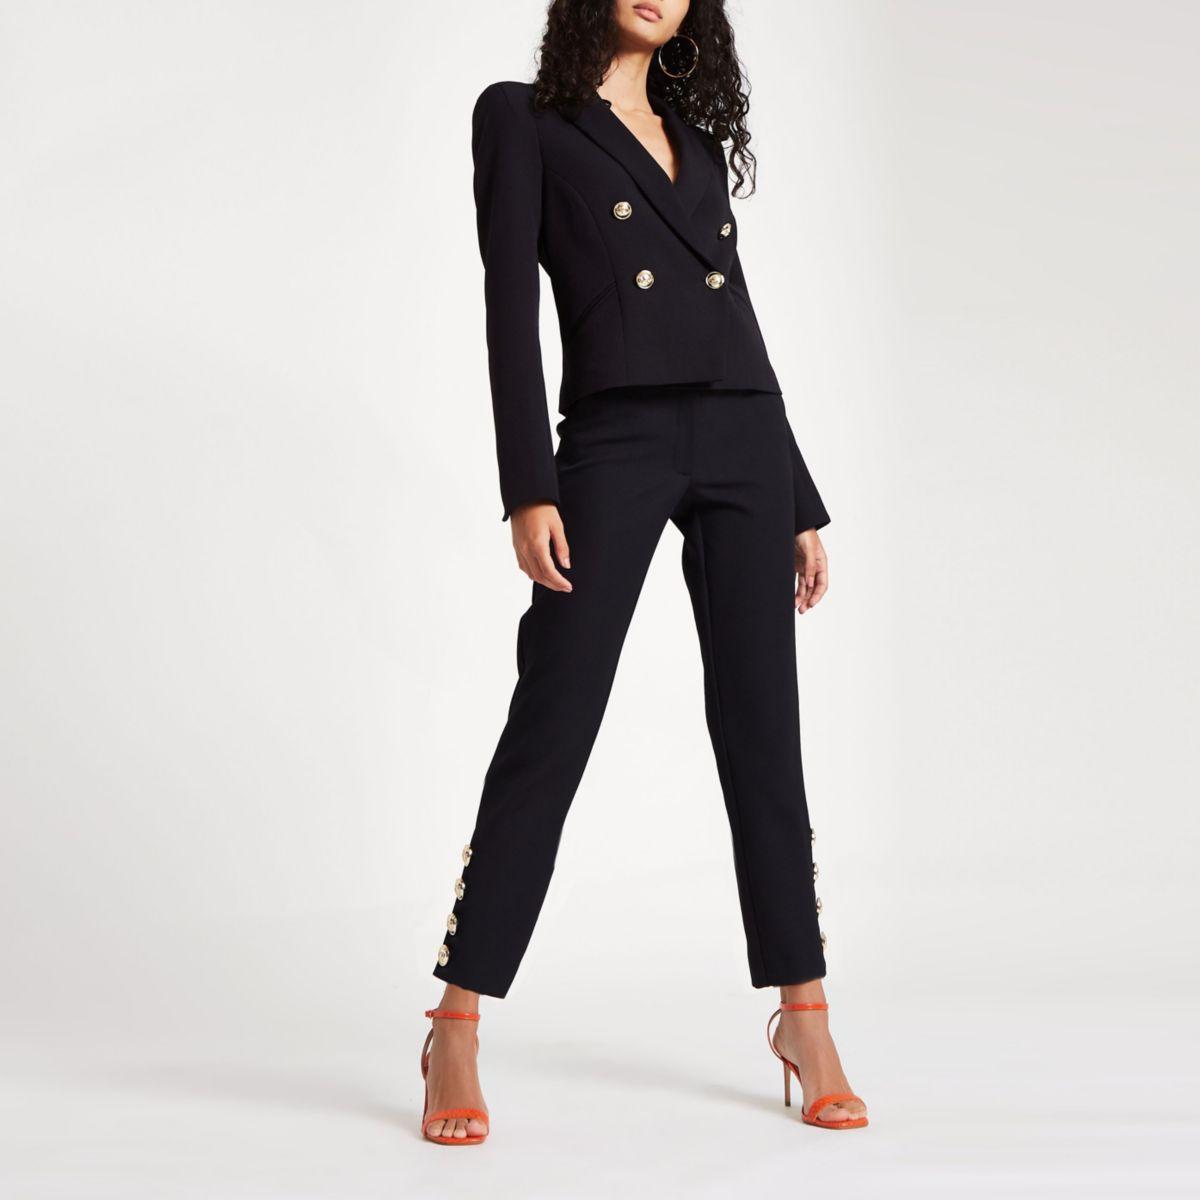 Schwarze Hose mit geradem Beinschnitt